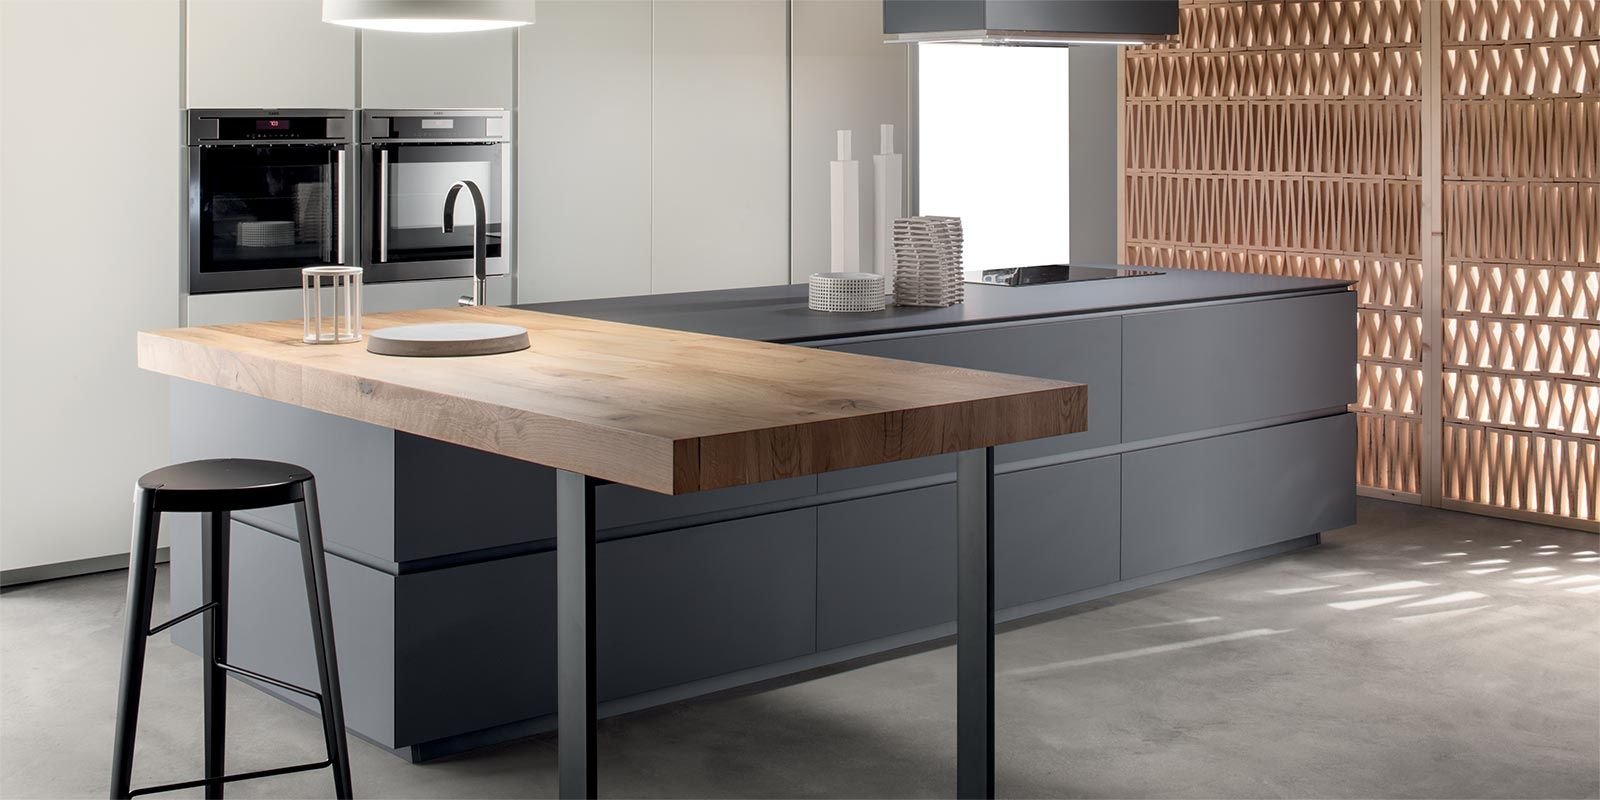 Cucine Obliqua - Cucine Moderne di Design - Ernestomeda | Cucine ...